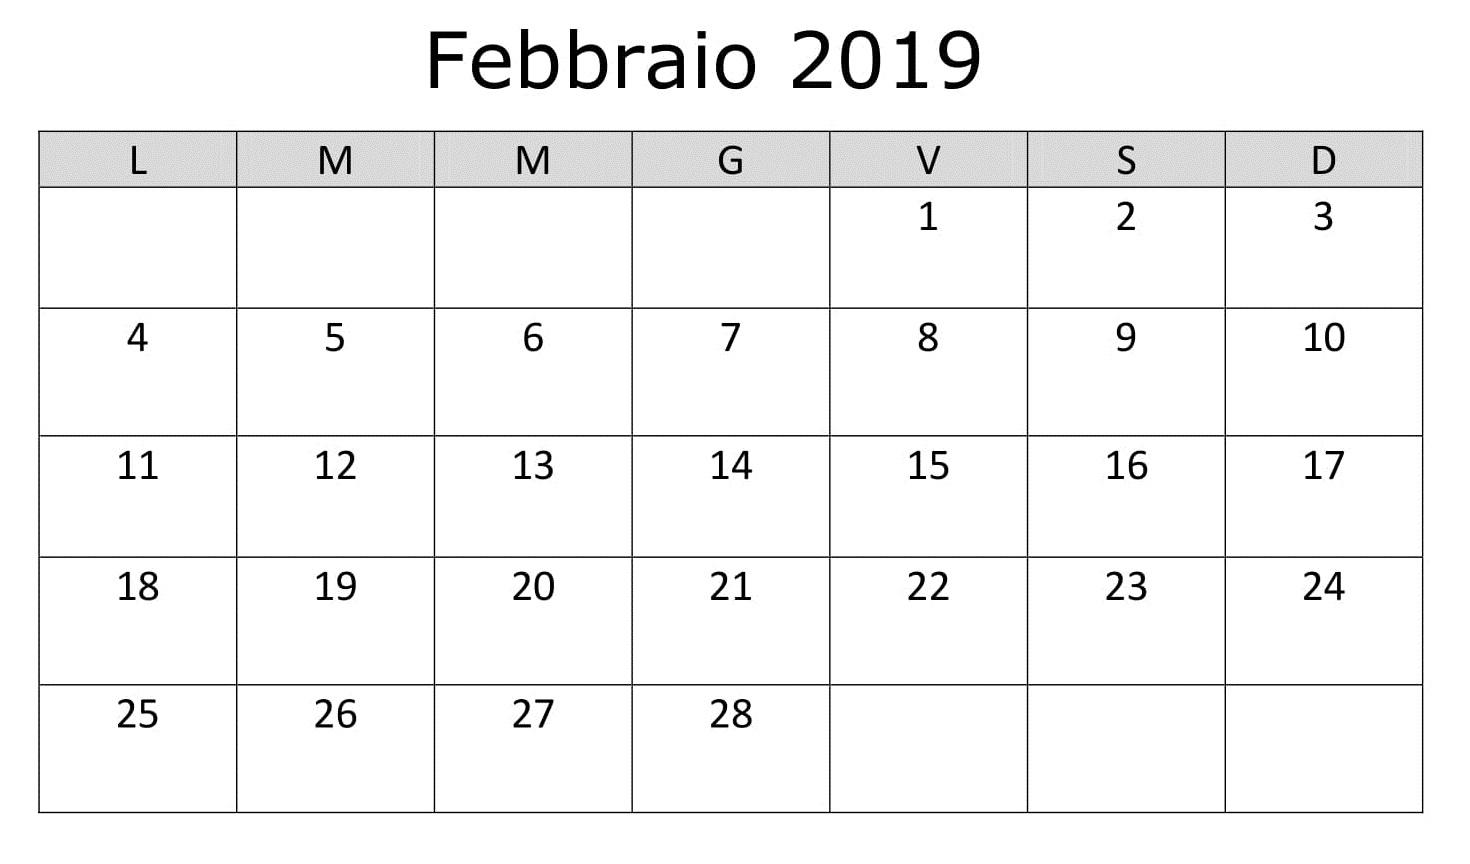 Calendario Mensile 2019 PDF Febbraio